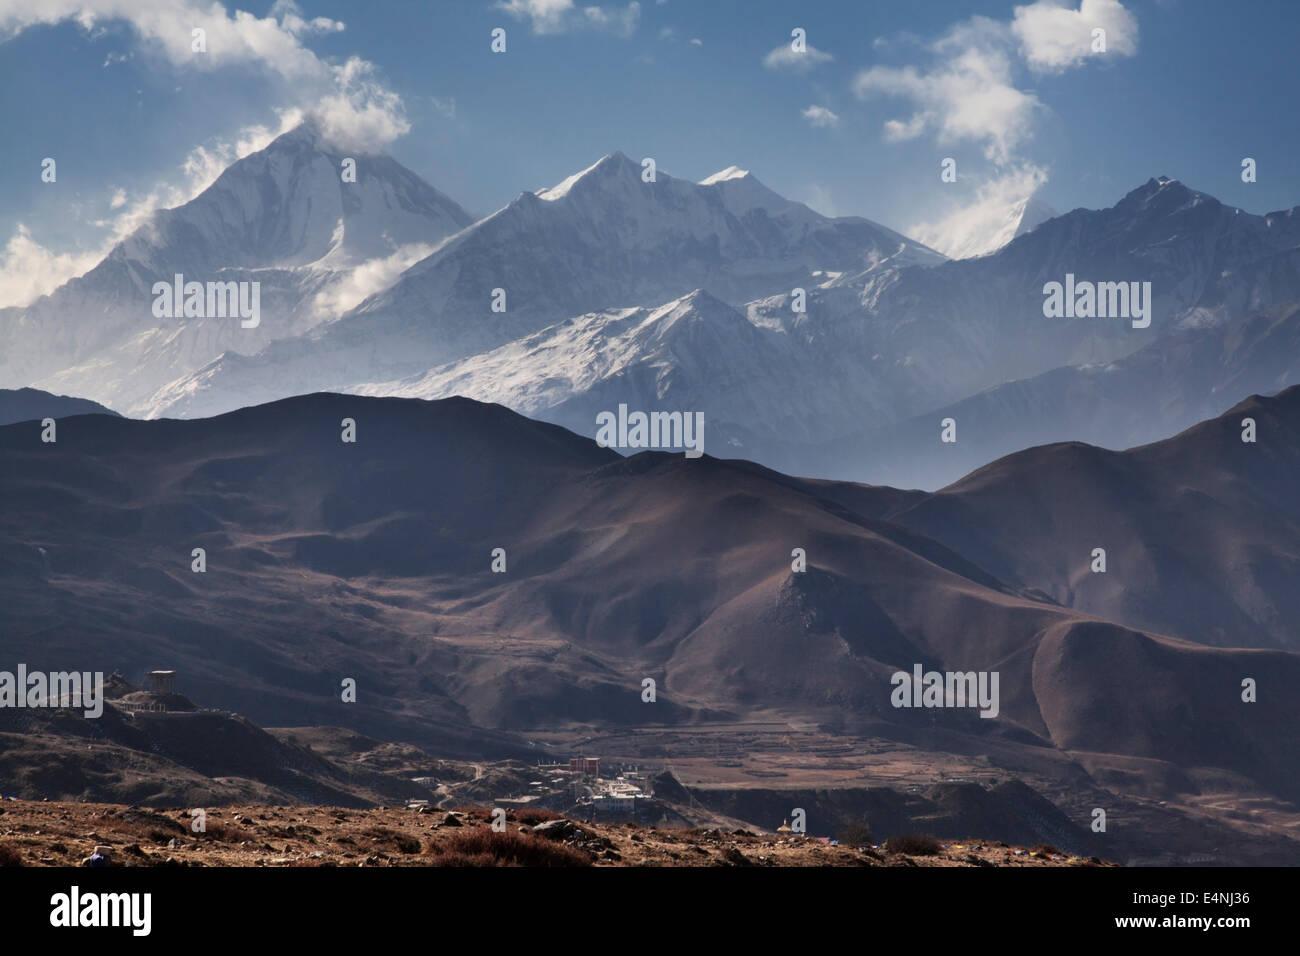 Dhaulagiri from the Thorung La Pass, above Muktinath, Annapurna Circuit, Nepal - Stock Image